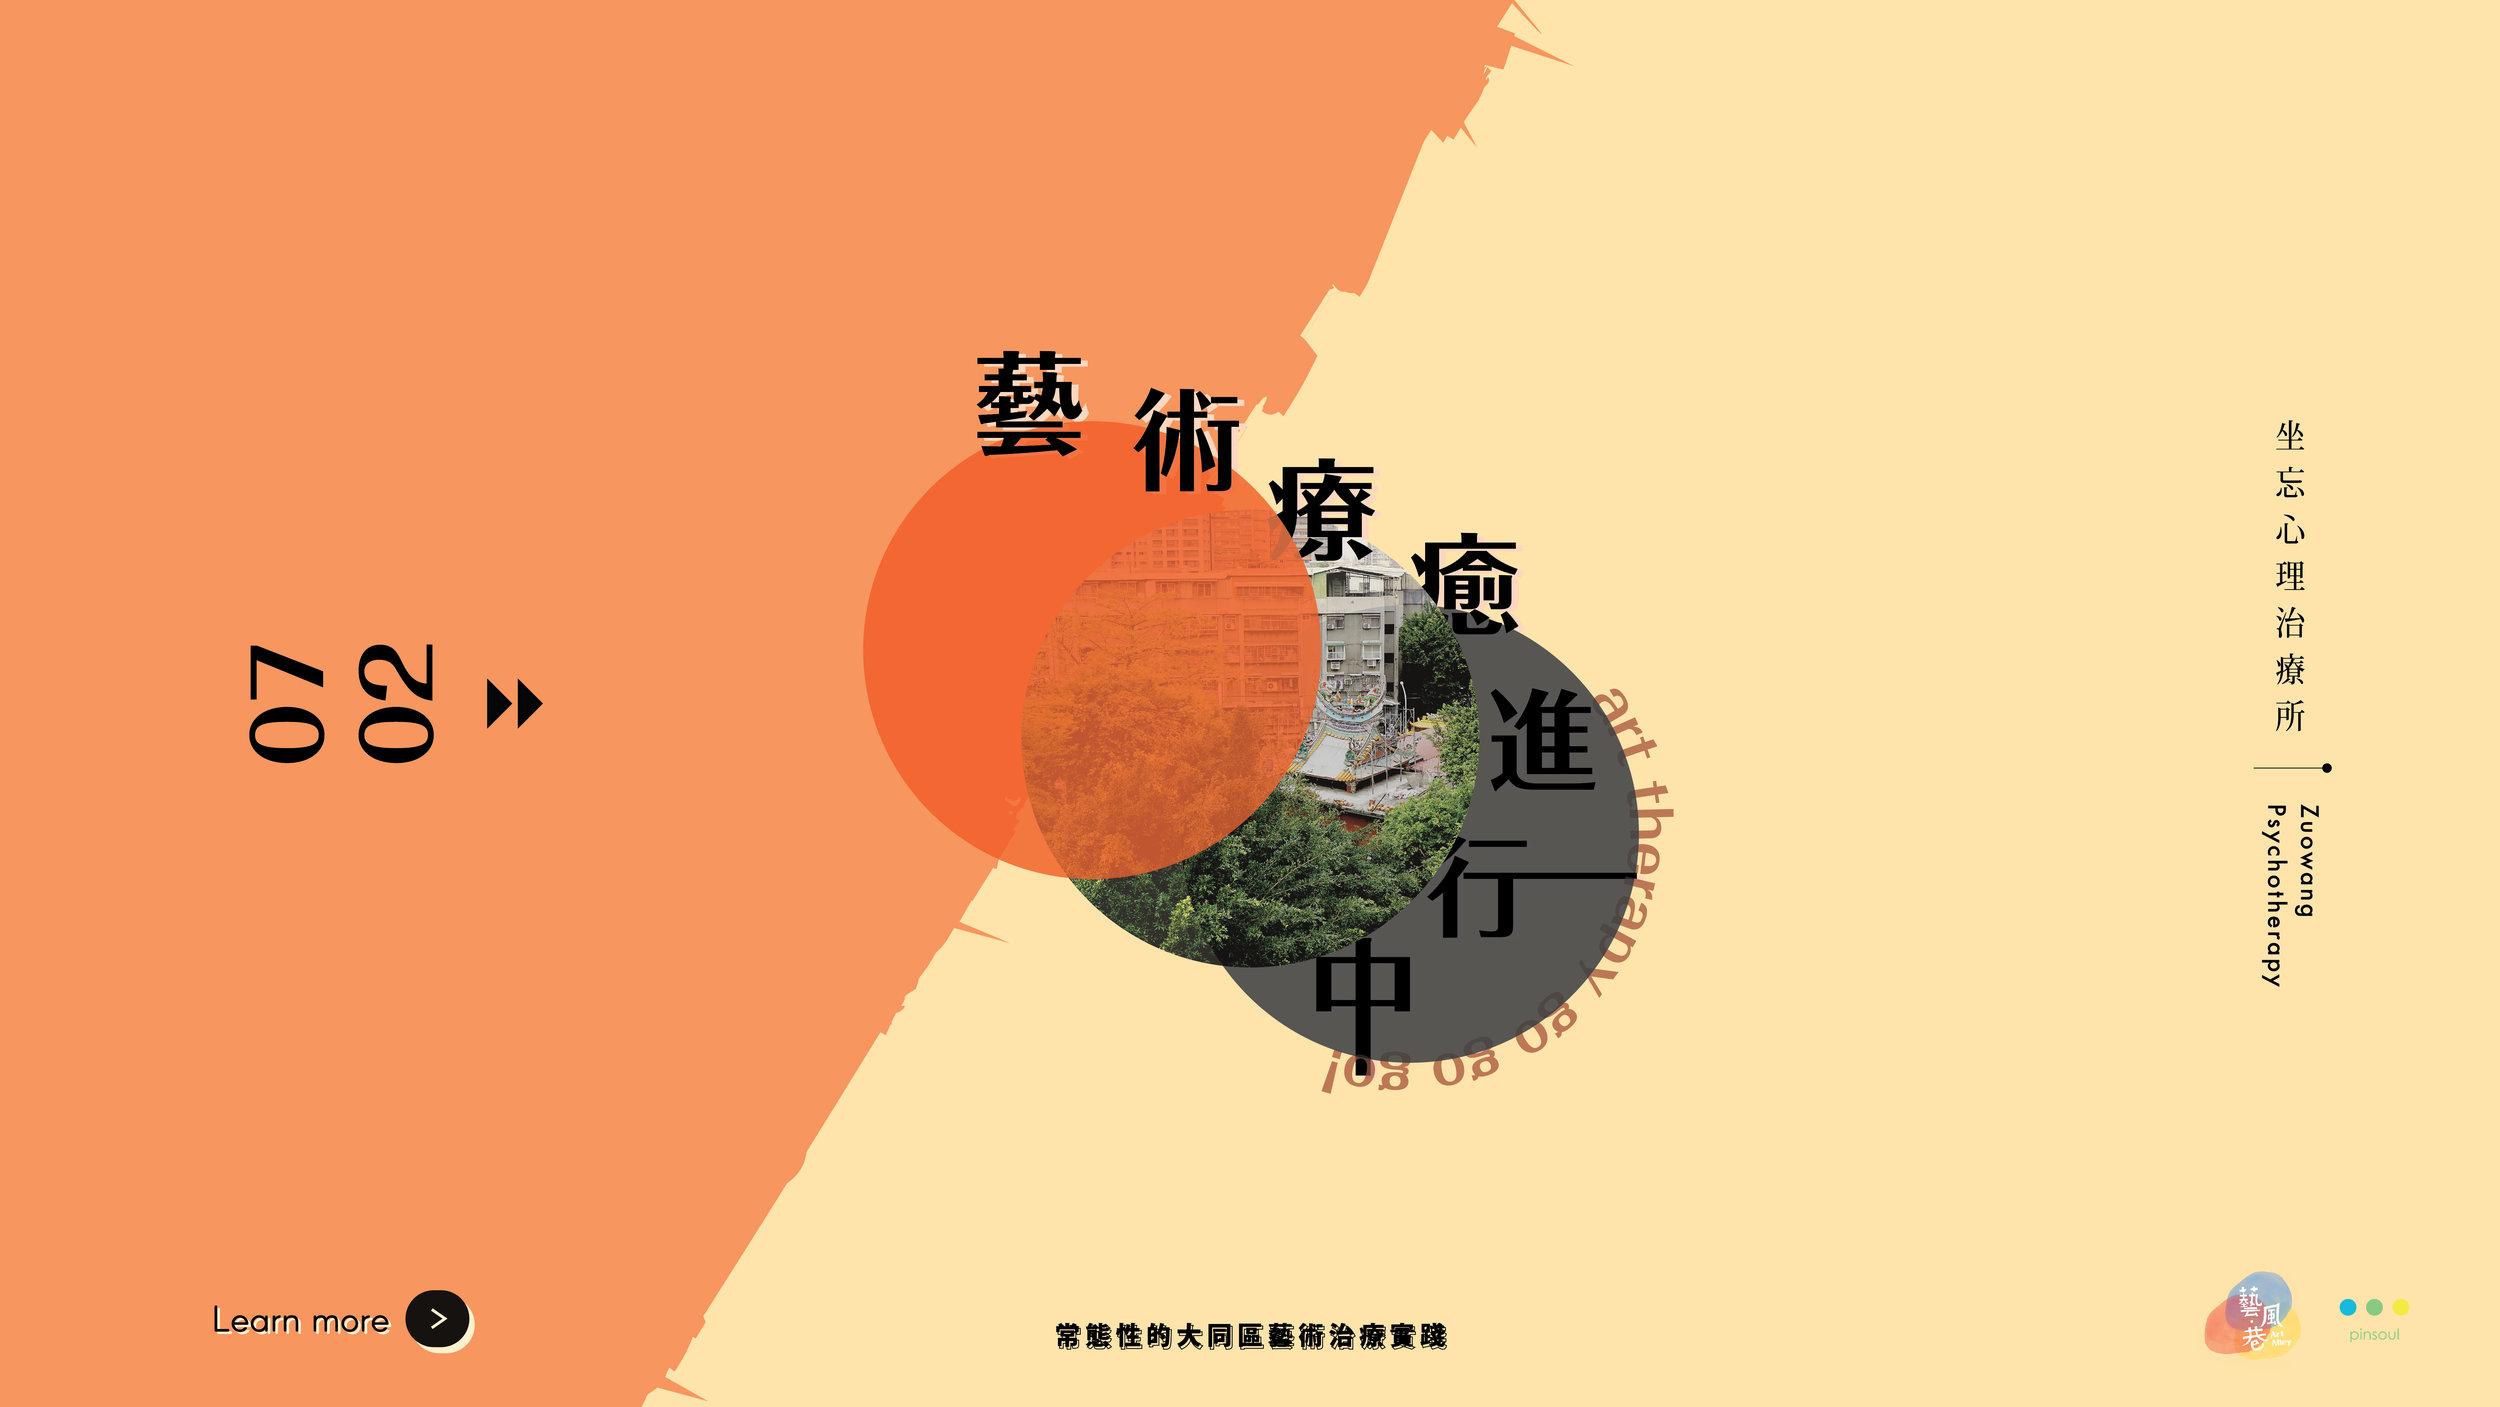 藝術療癒進行中主視覺-01.jpg